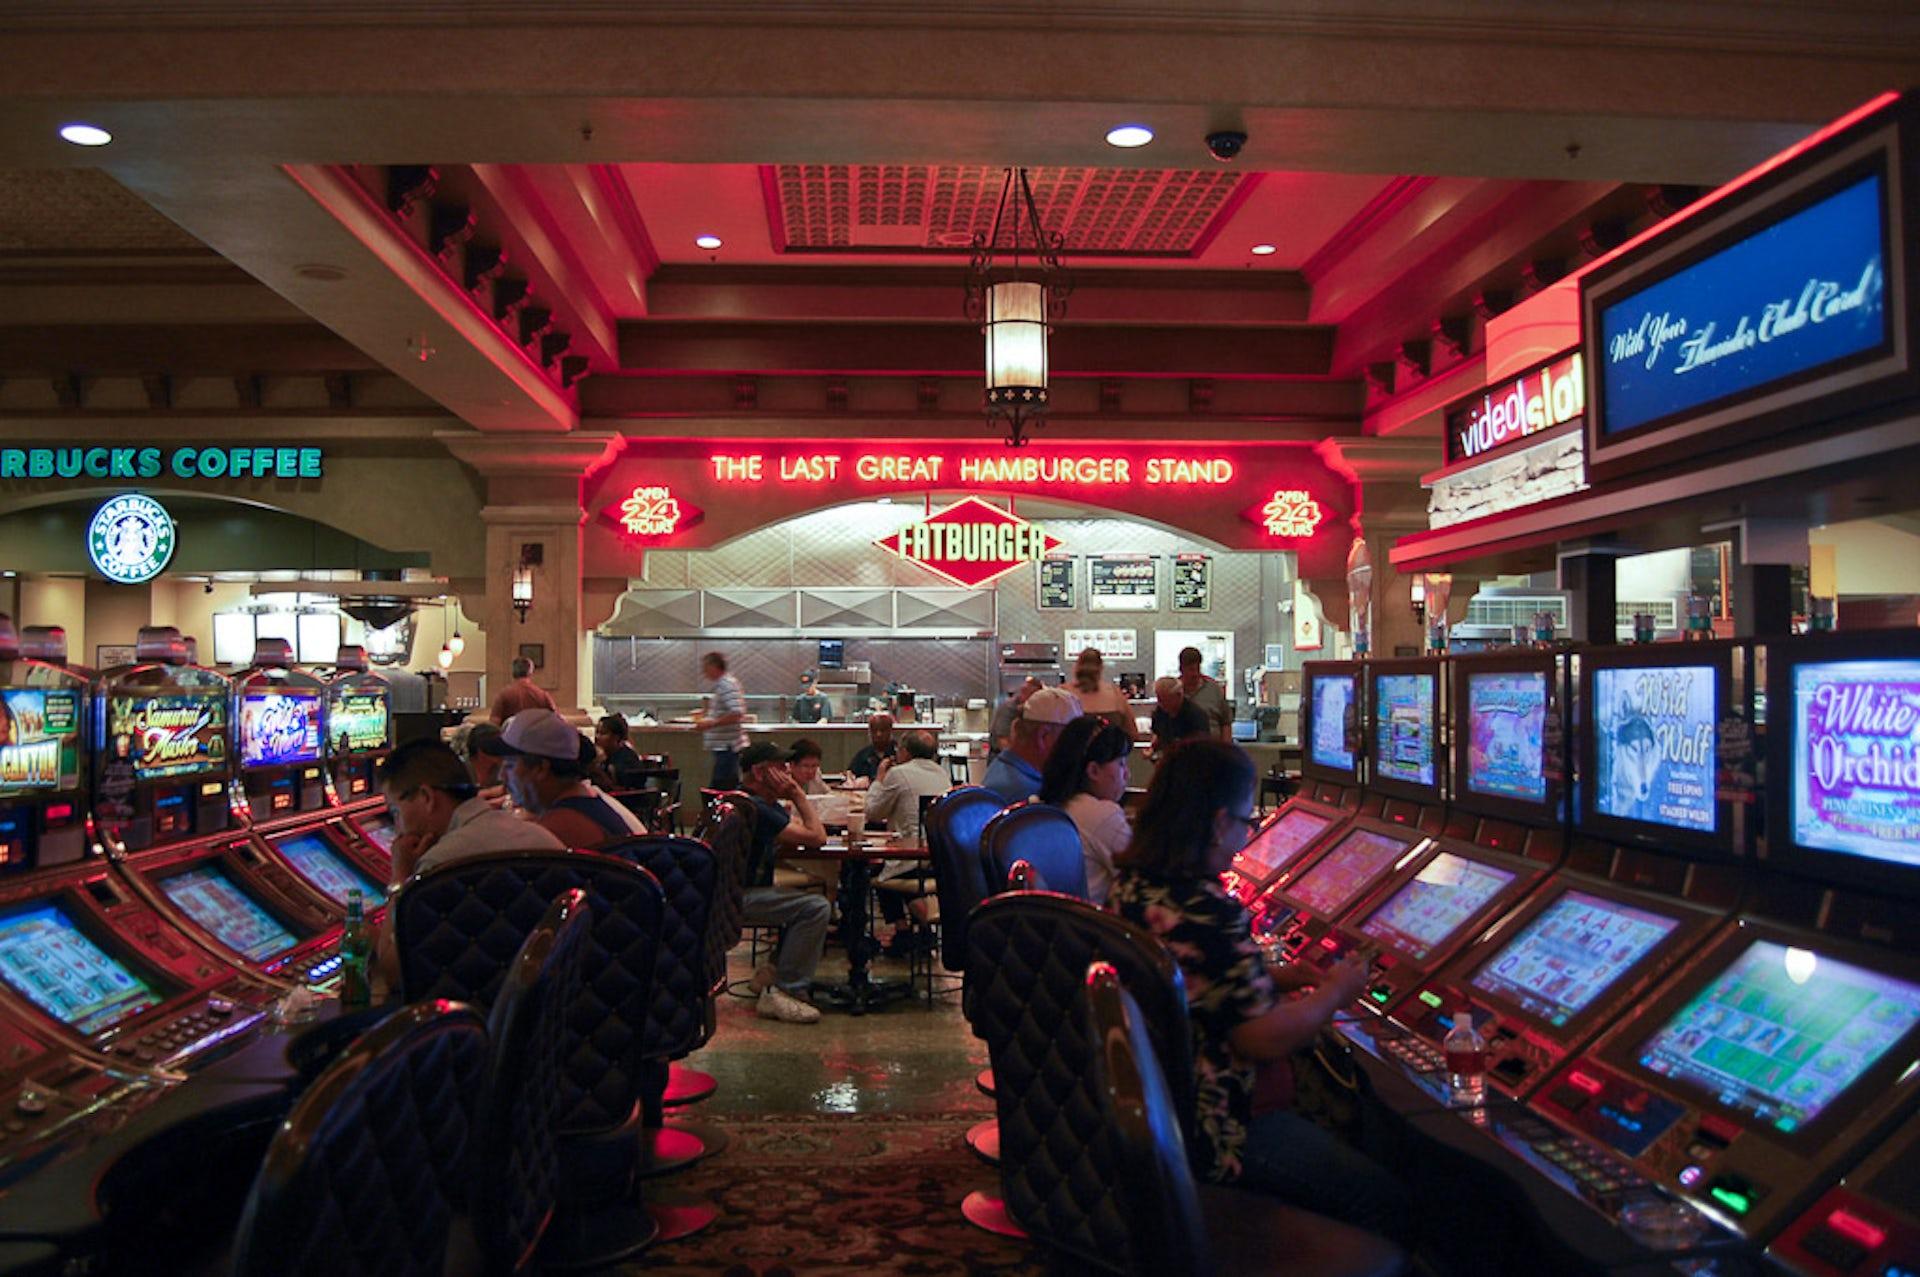 джекпот сити казино онлайн зеркало